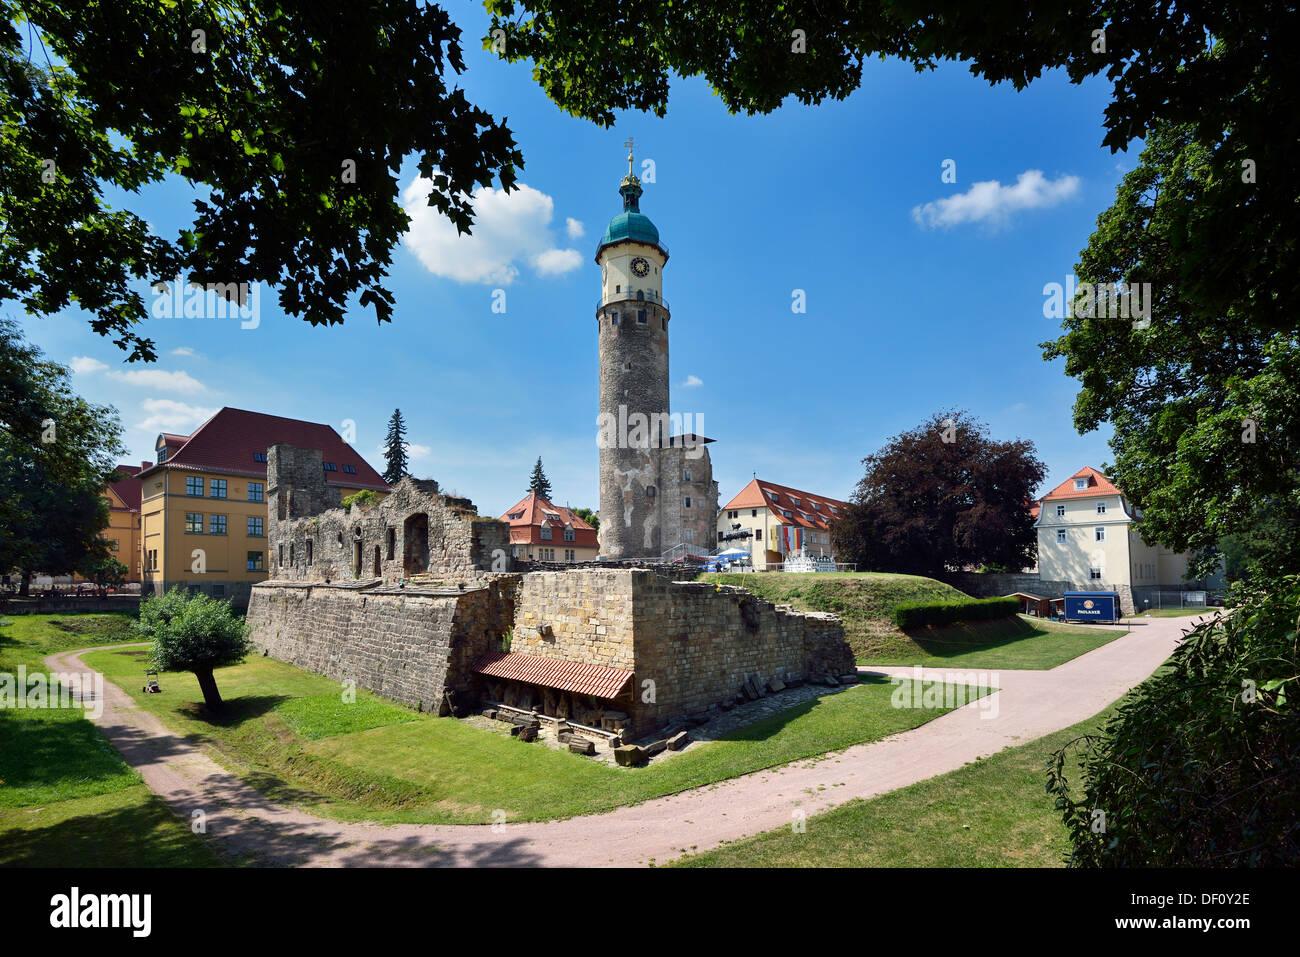 Blick Punkt Neid Eckturm auf den Bereich der Burgruine, Thüringen, Arnstadt, Aussichtpunkt Neideckturm Auf Dem Areal der Sc Stockbild